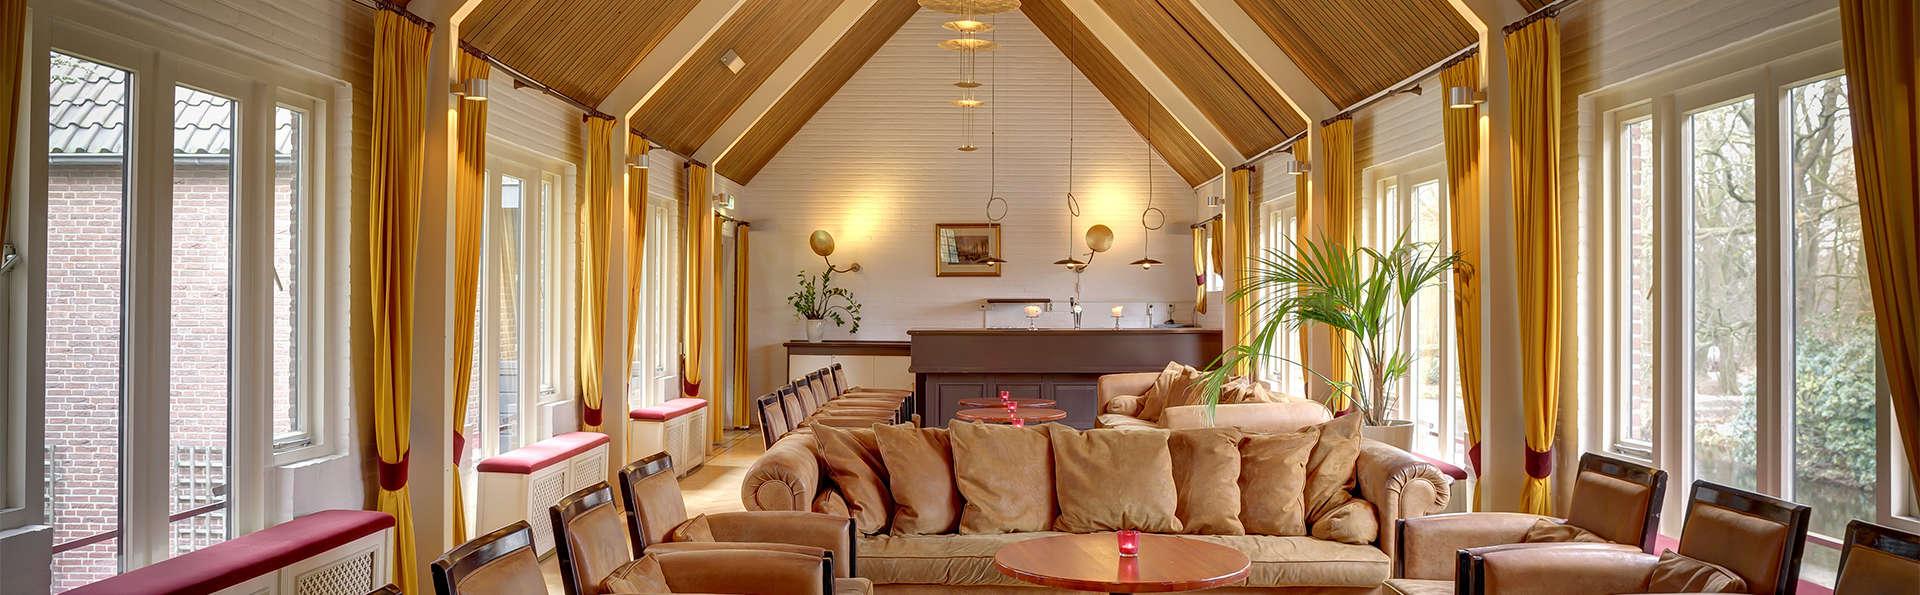 Luxe, comfort en gastvrijheid bij Kasteel de Essenburgh (derde nacht gratis)